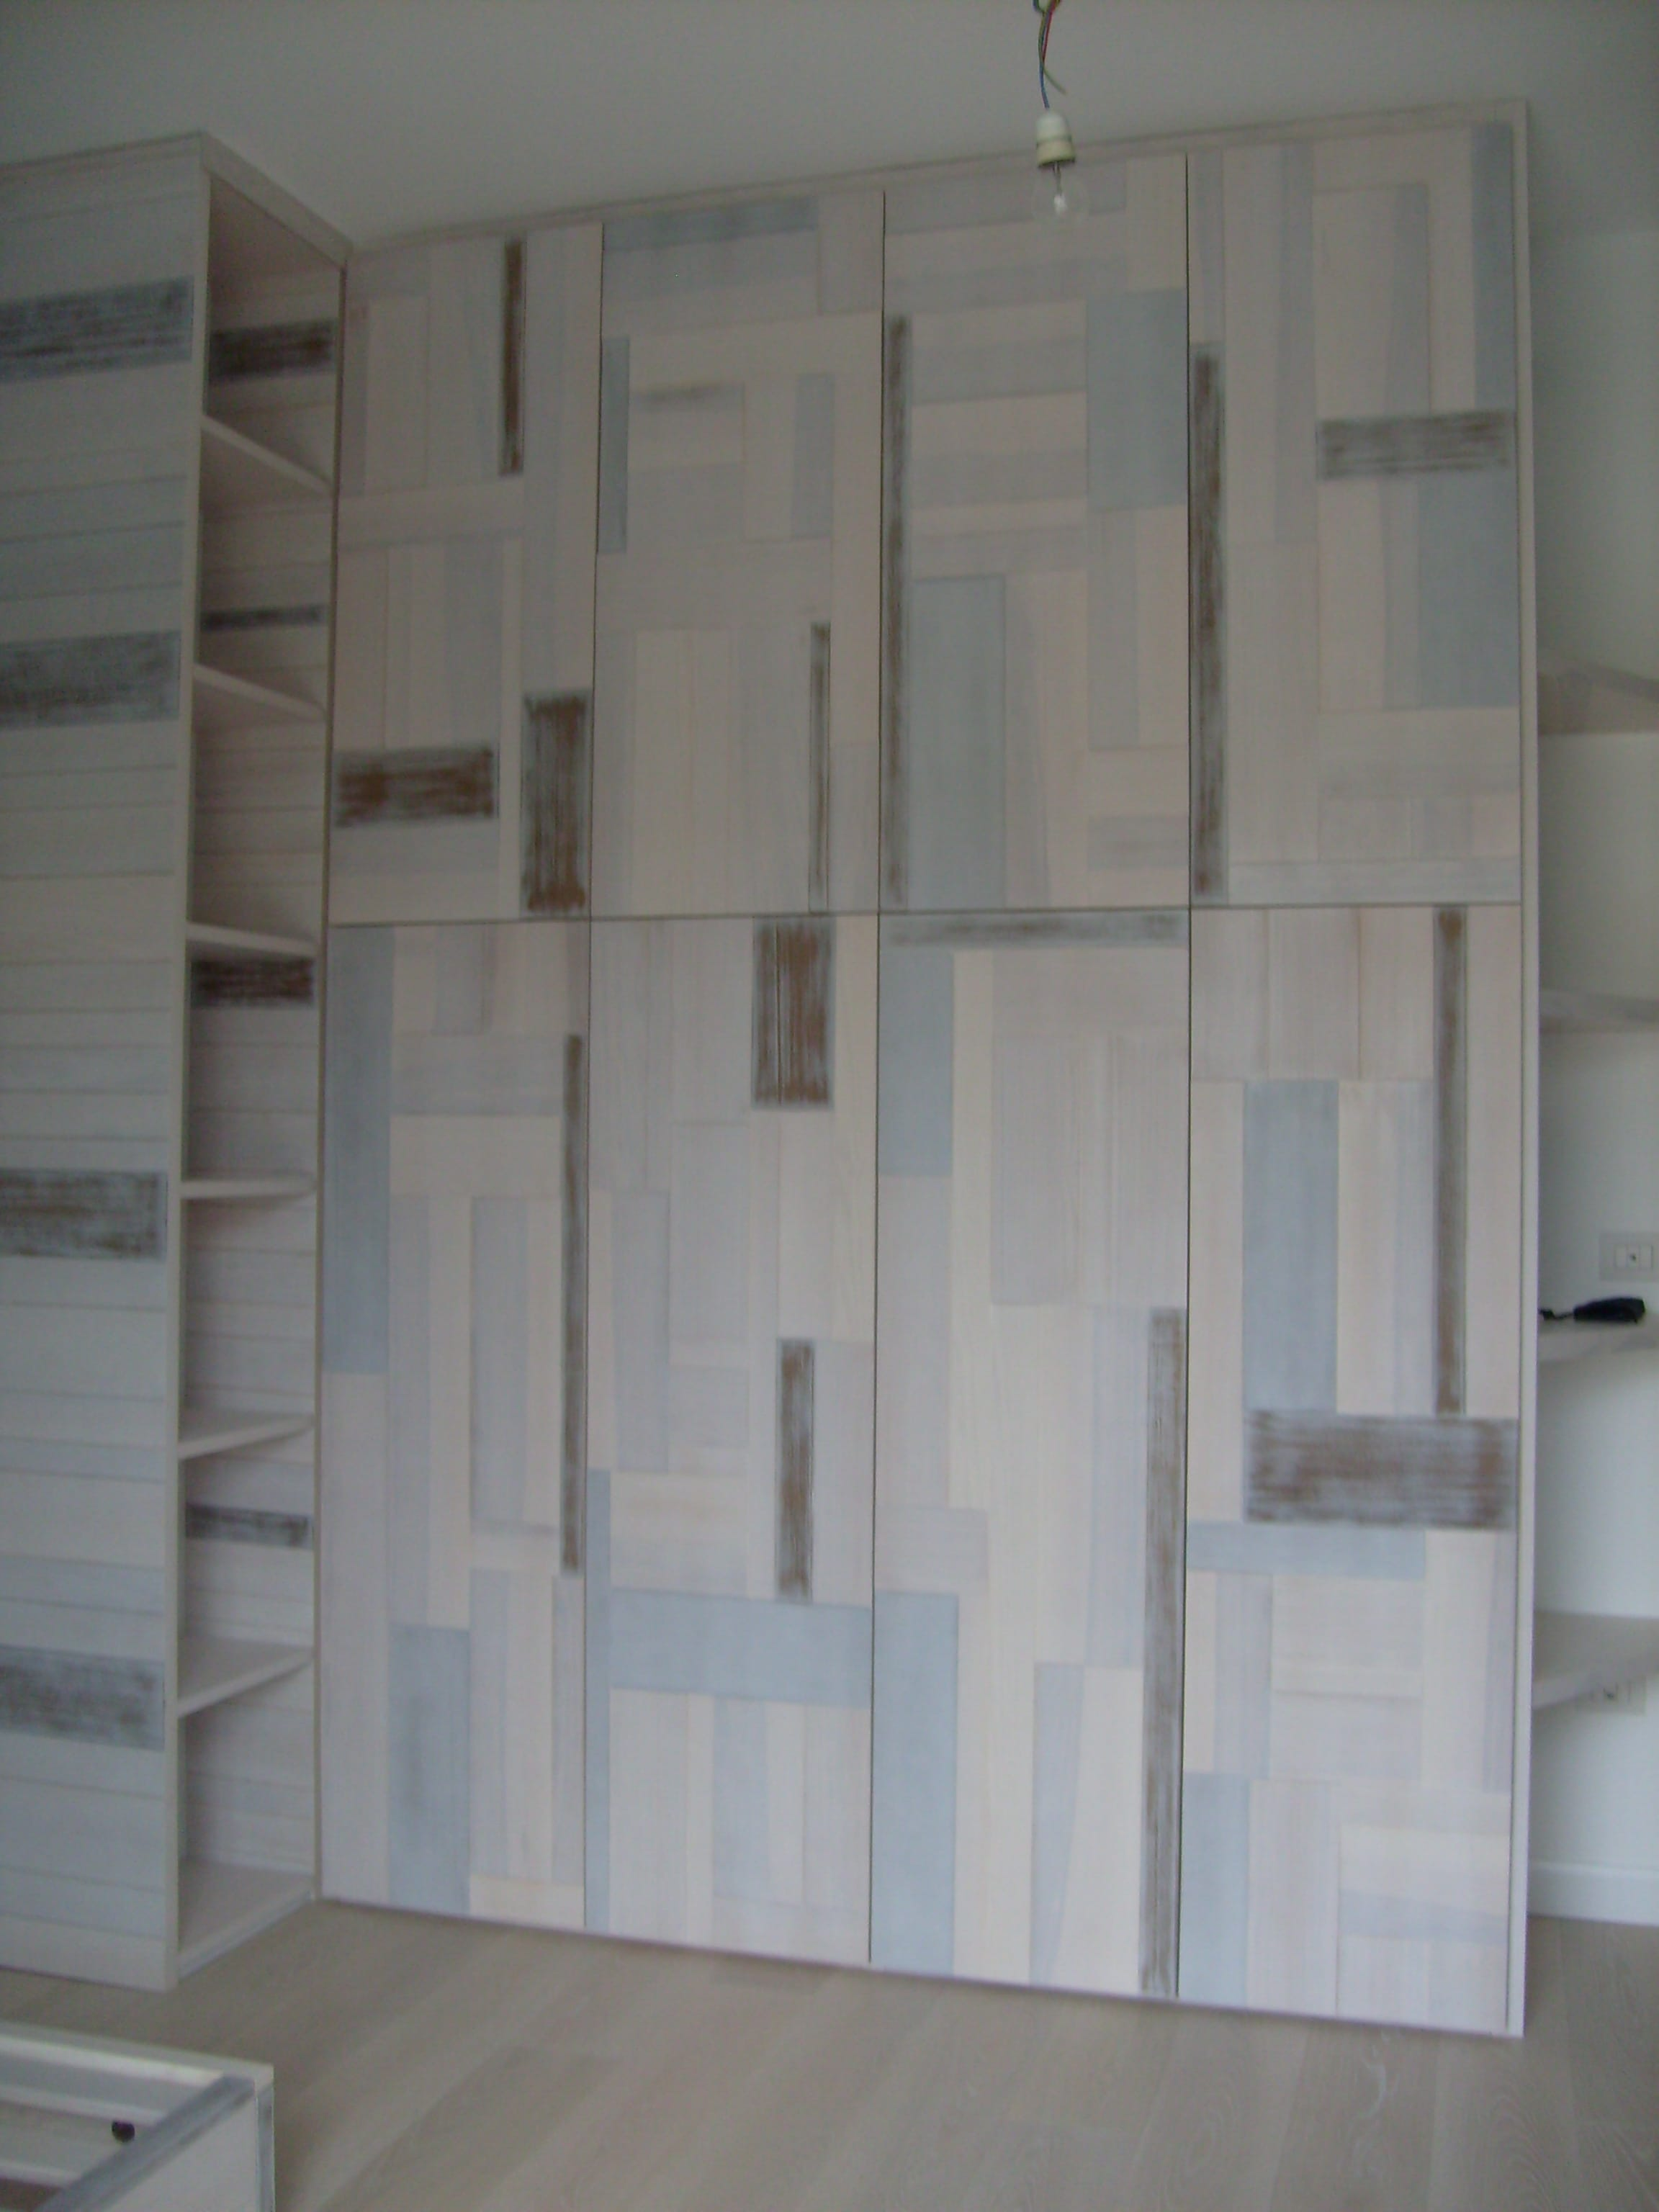 Armadio con applicazioni di legno massello frassino verniciato. Progetto: architetto Roberto Virdis